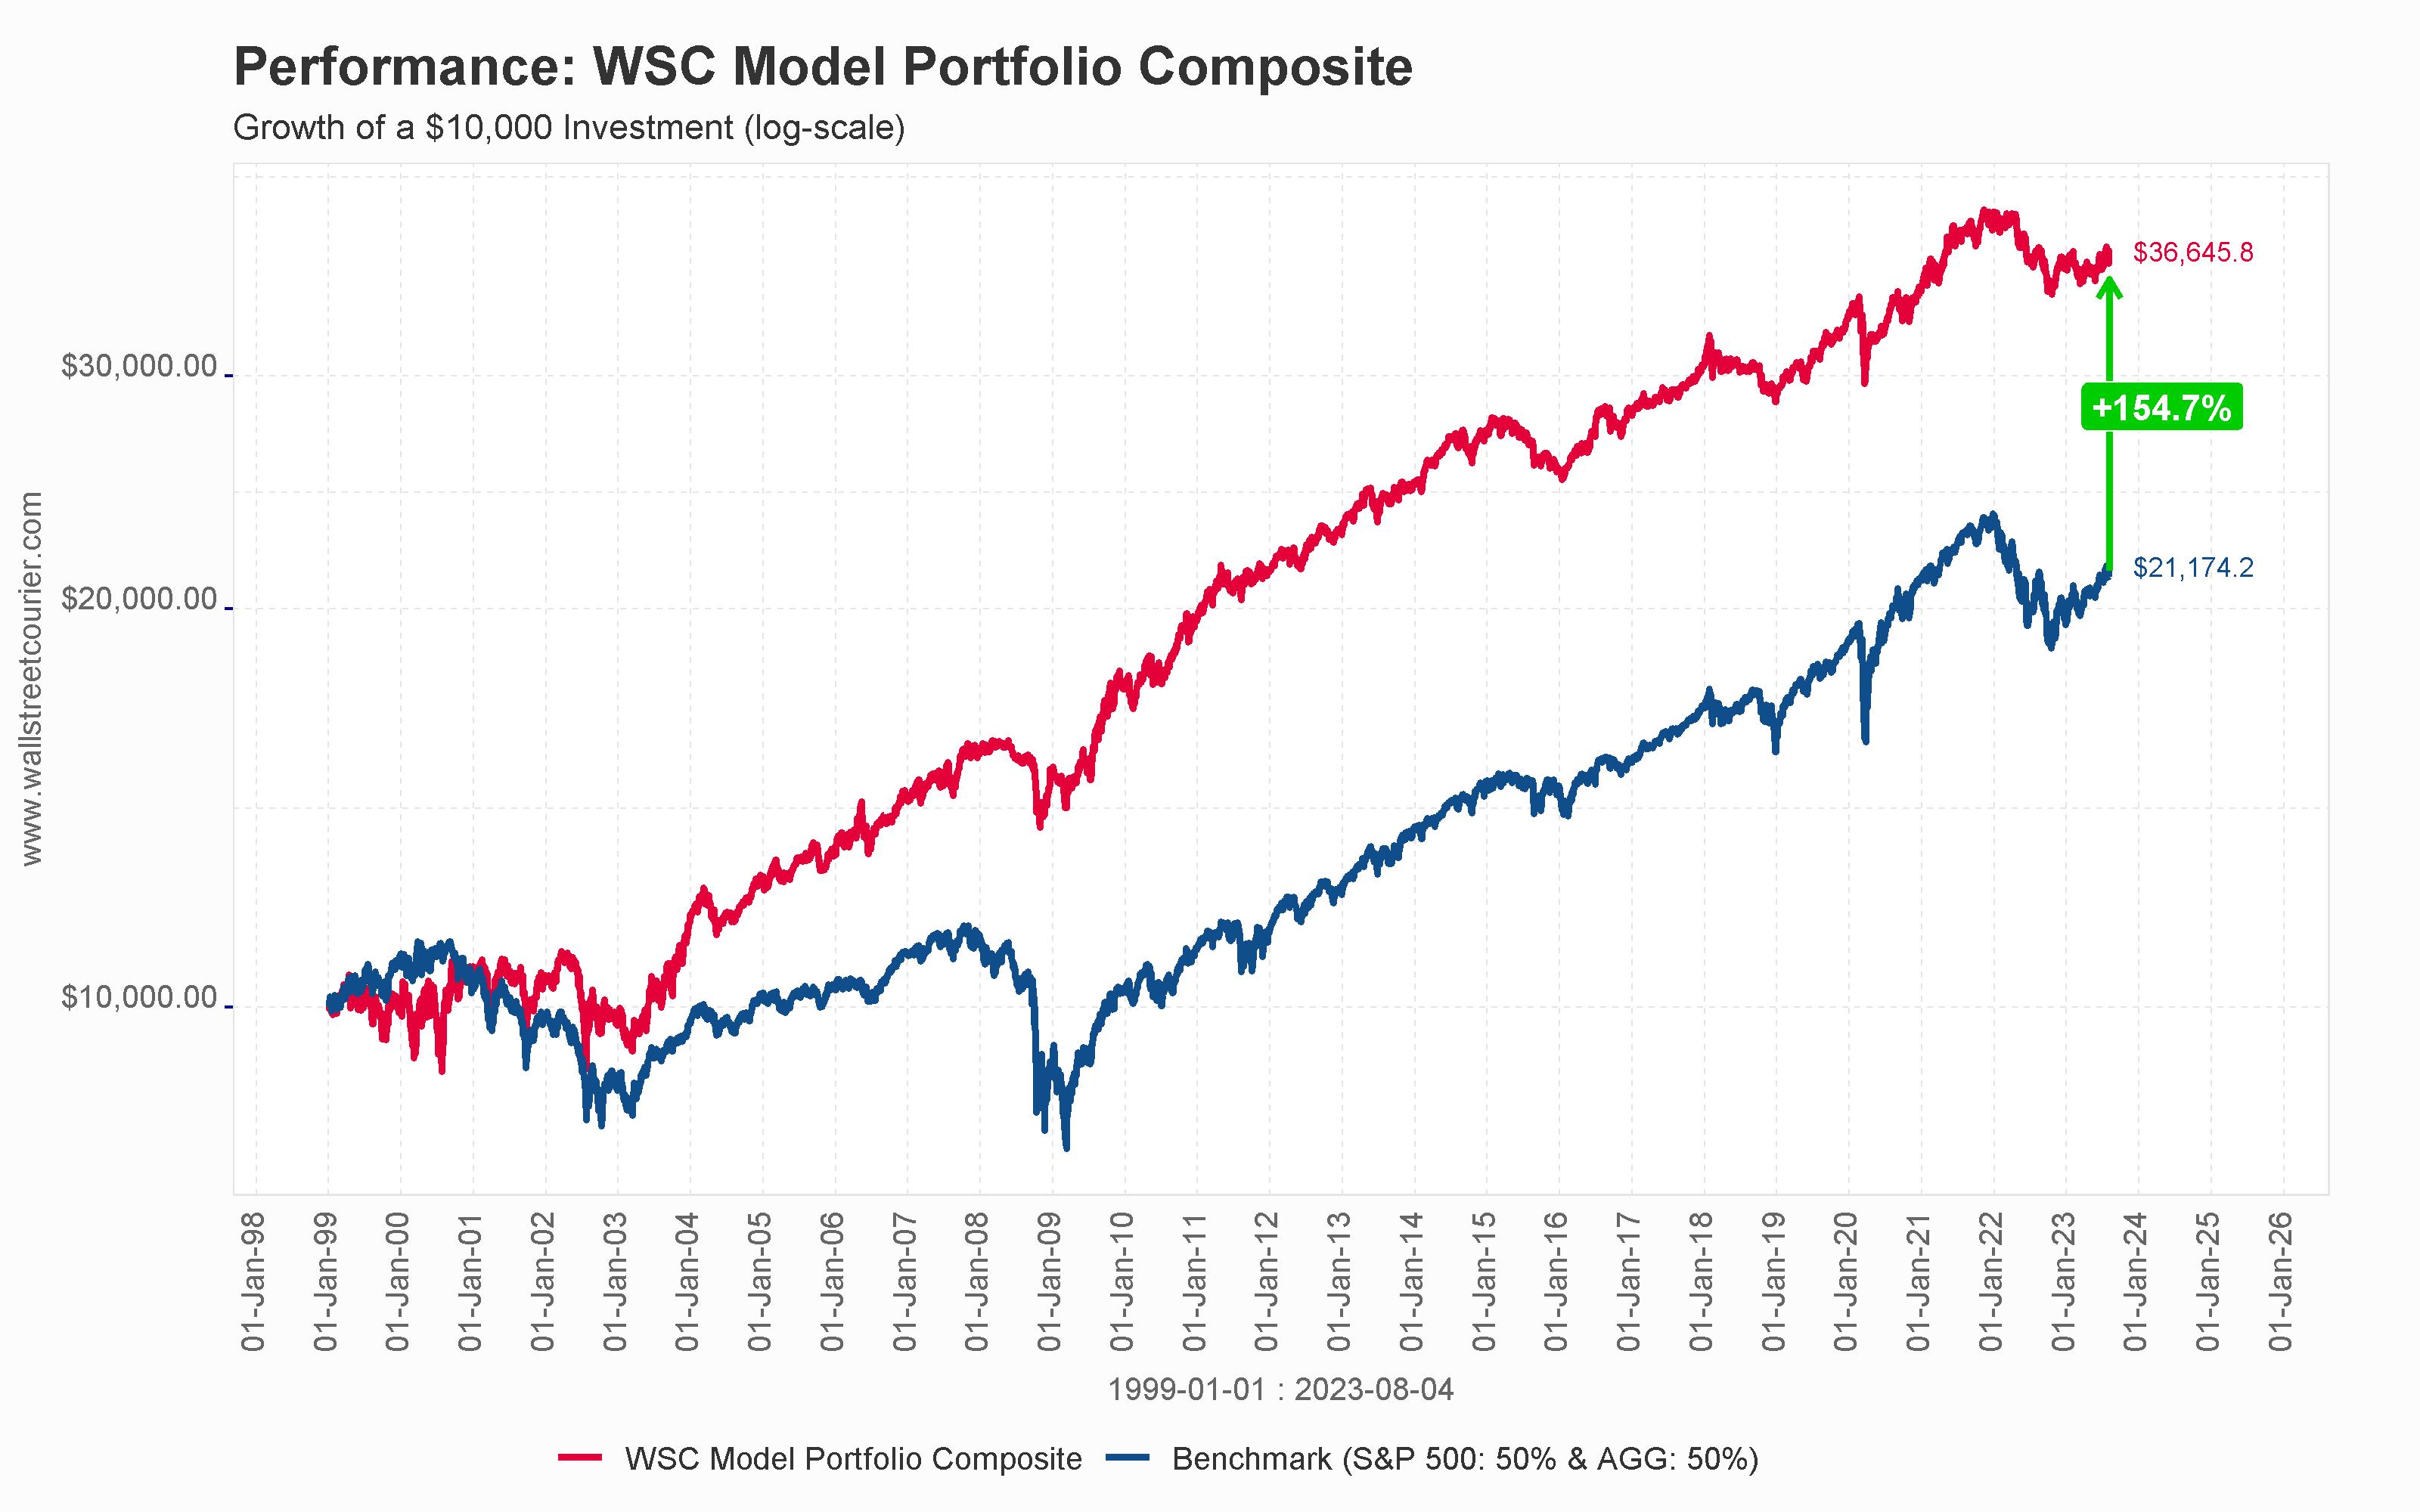 WSC Model Portfolio Composite